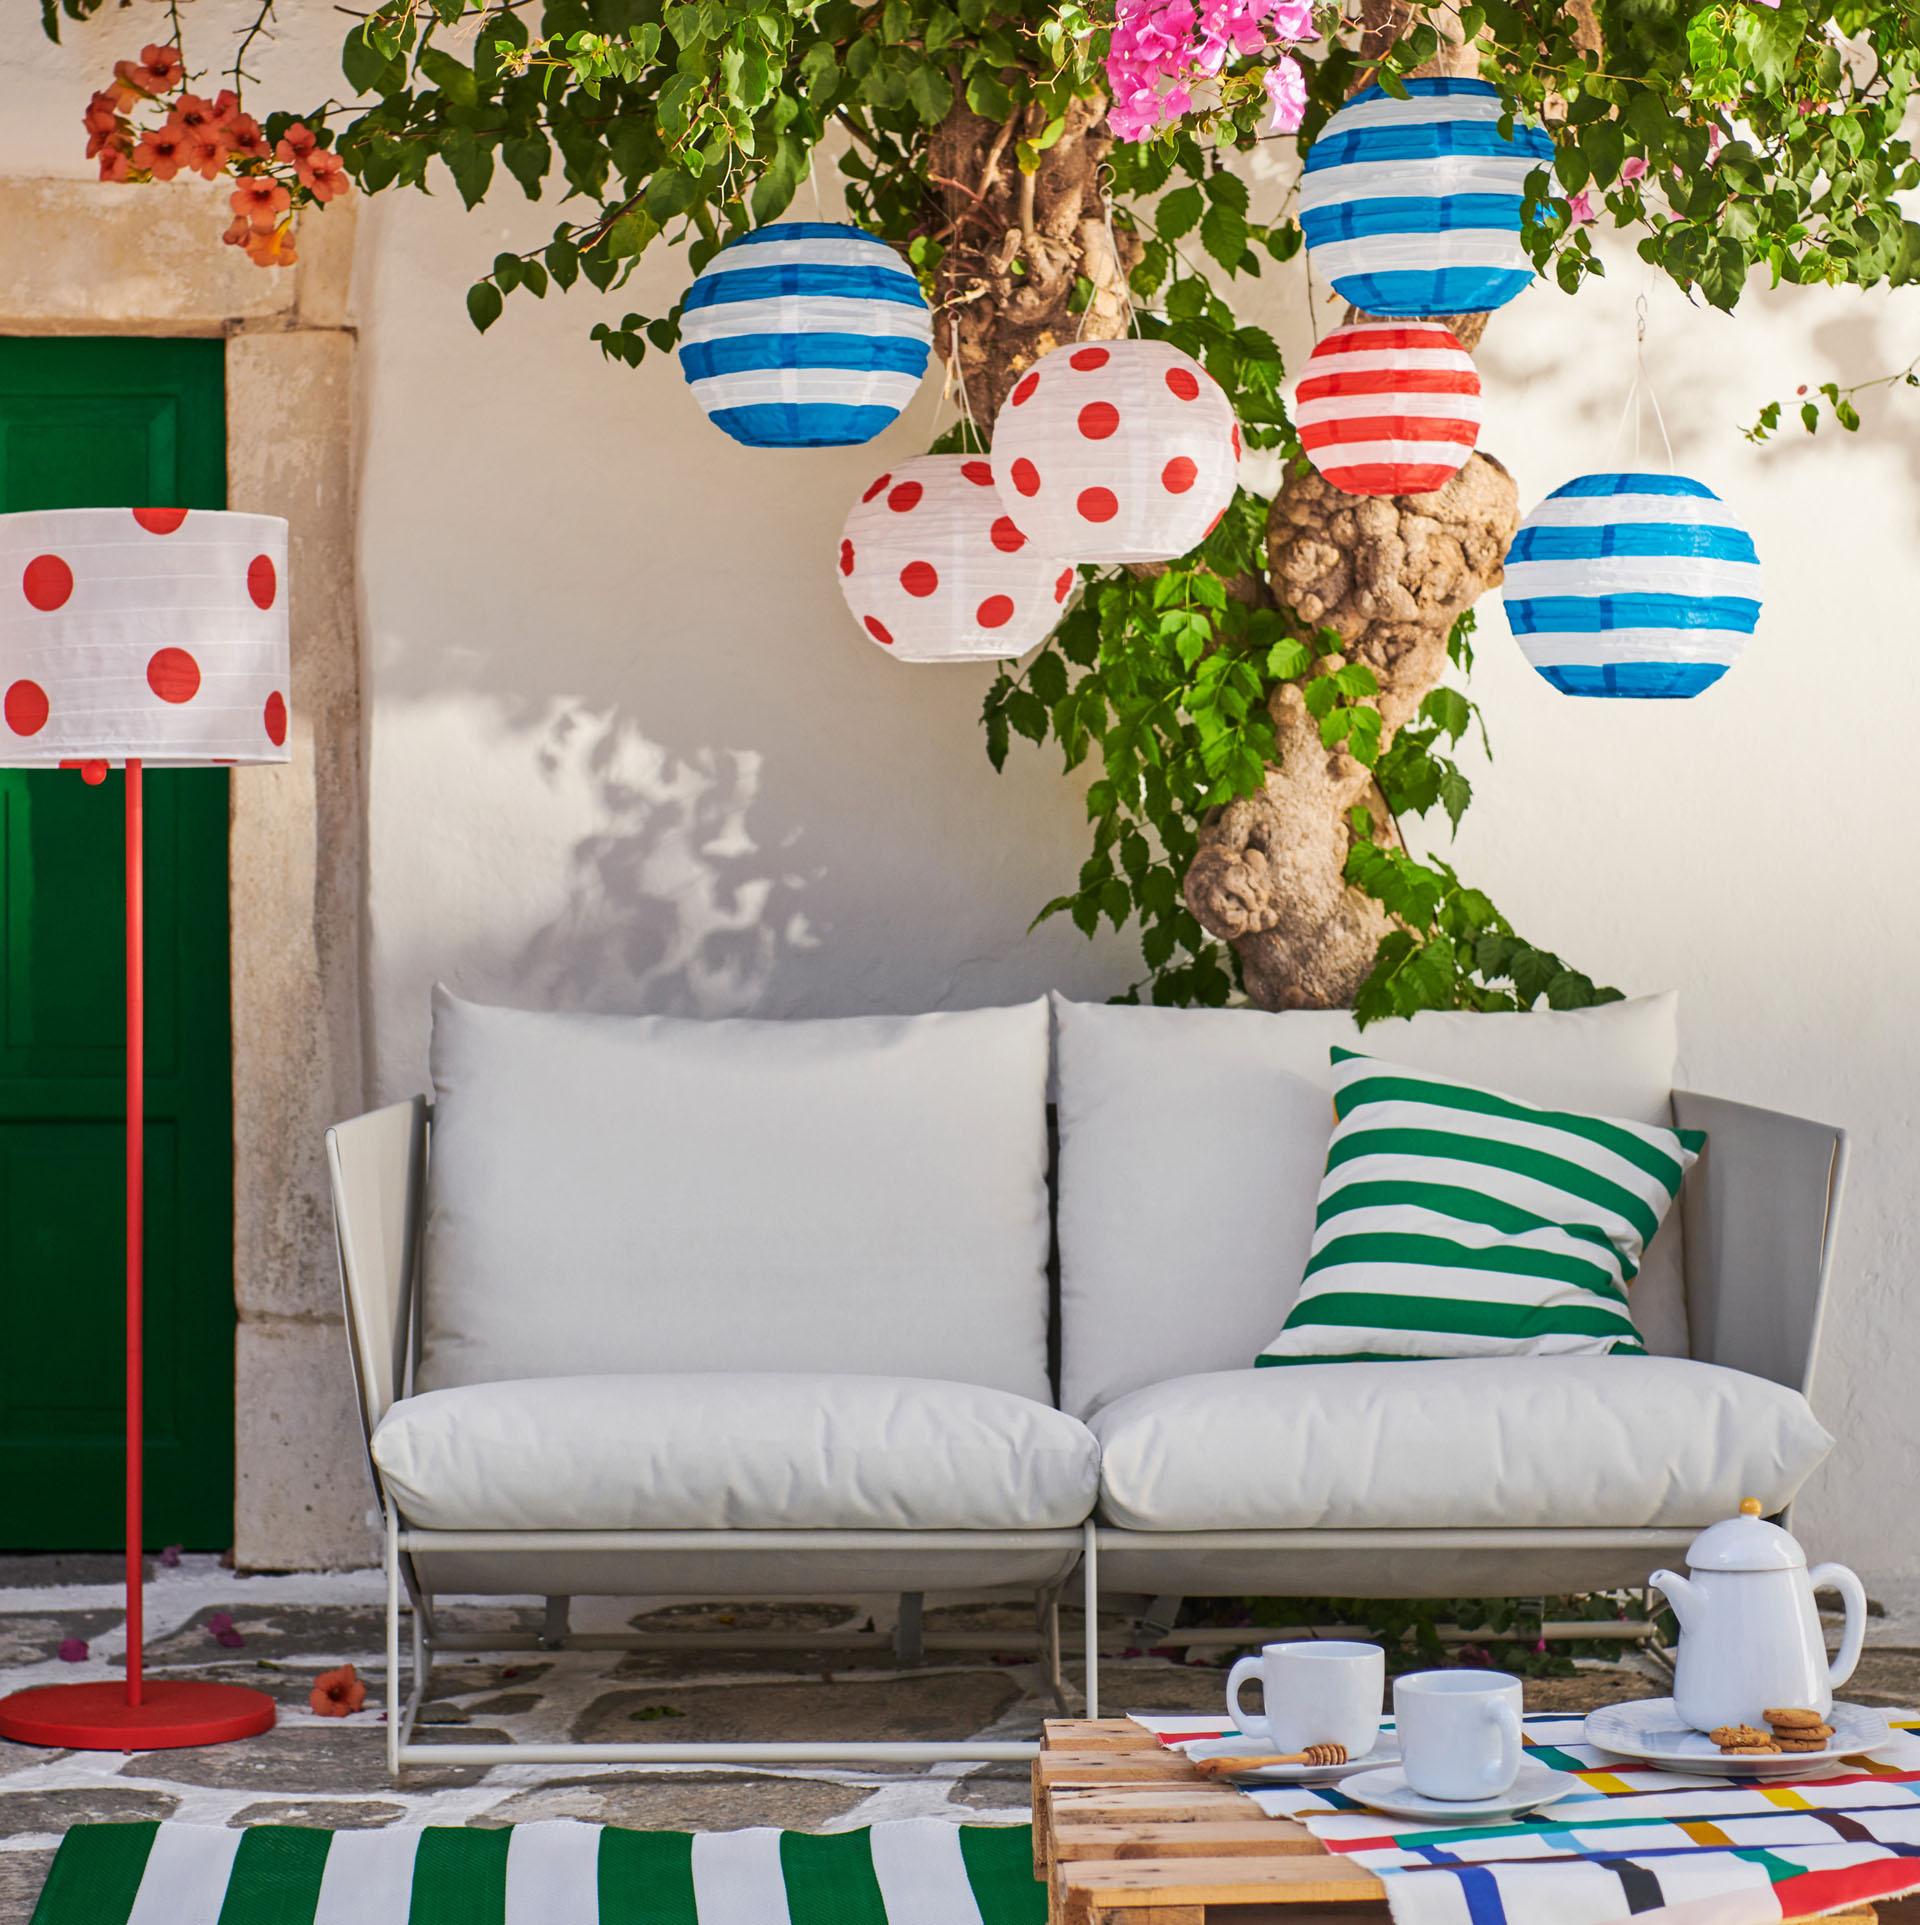 Notre Déco De L'été 2019 Selon Ikea - Cdeco.fr Décoration ... avec Ikea Mobilier De Jardin